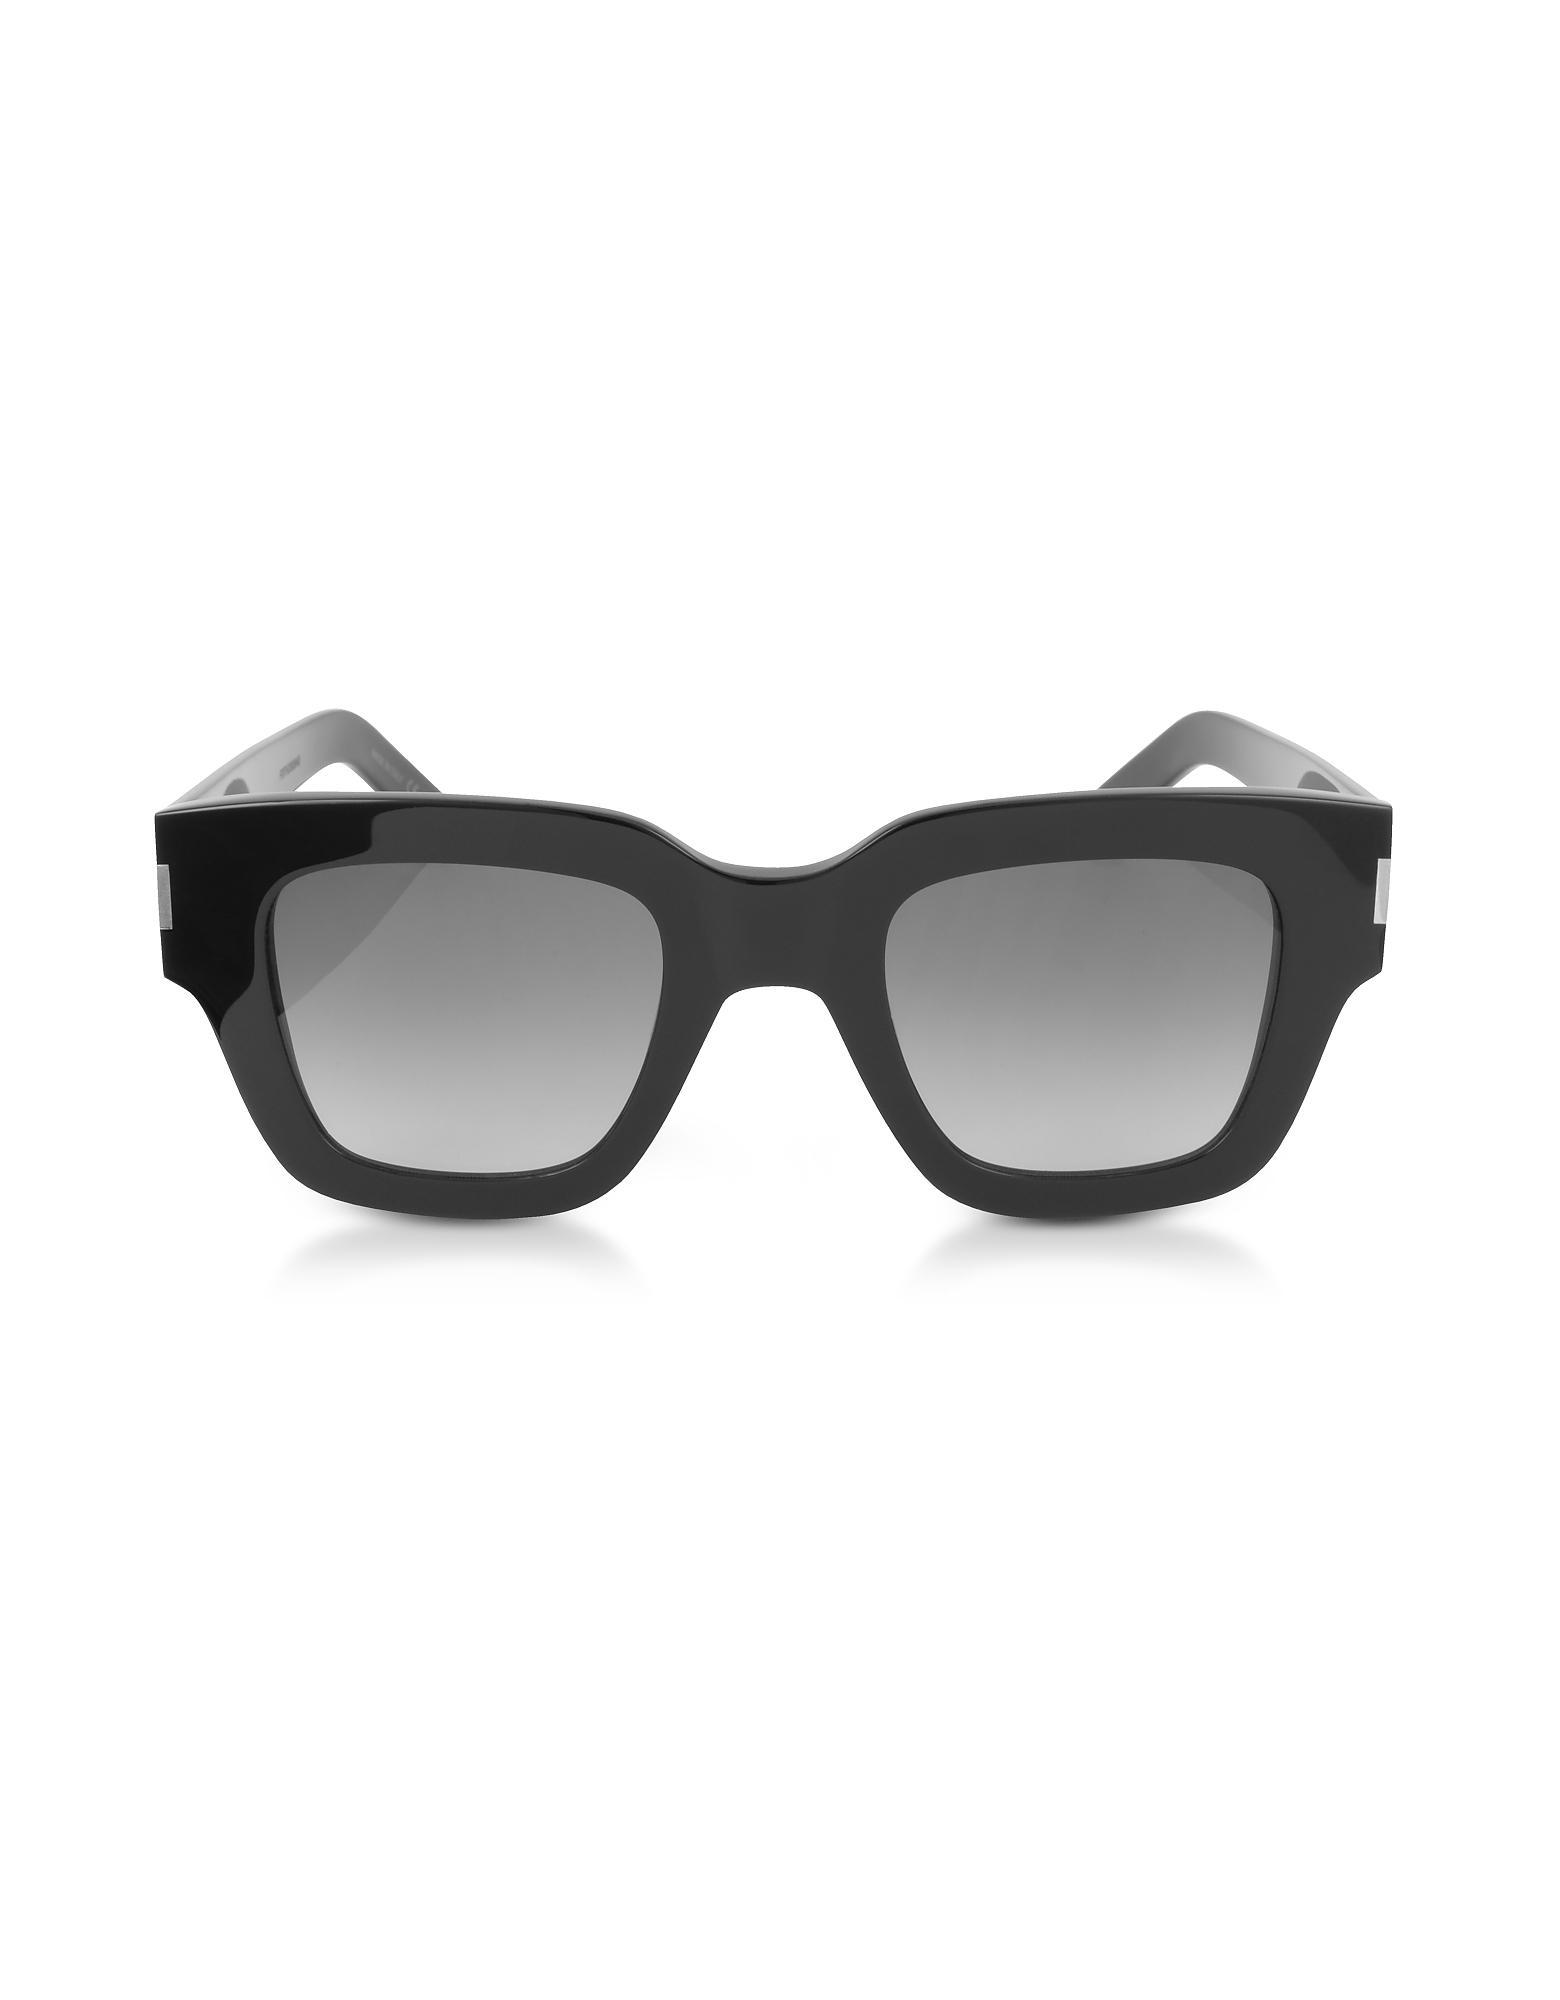 Saint Laurent Sl 184 Slim Squared Acetate Sunglasses In Black/Gray